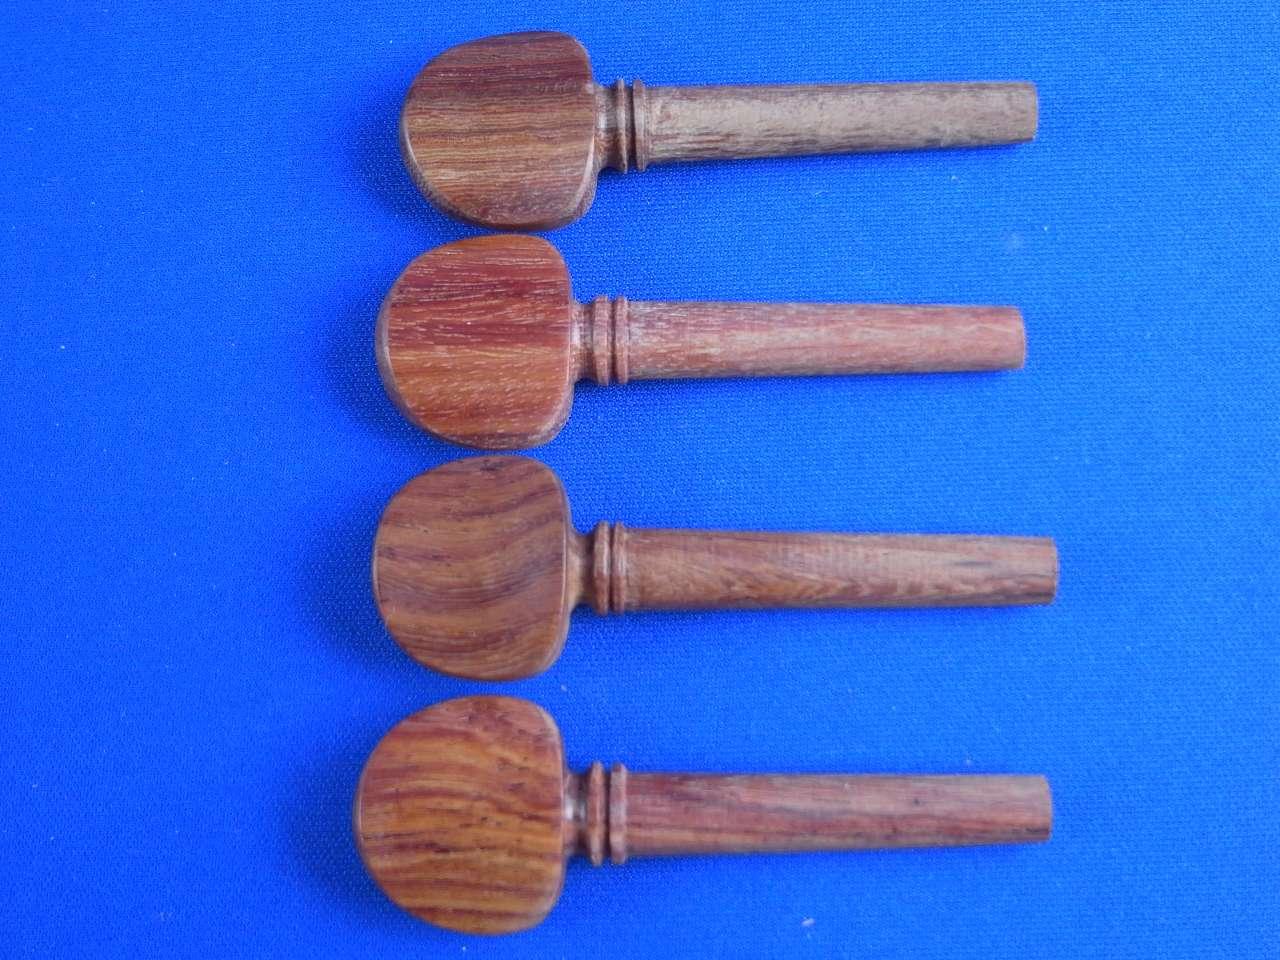 画像1: バイオリン ペグ 紫檀(ローズウッド)材 パリジャンアイ装飾4本セット